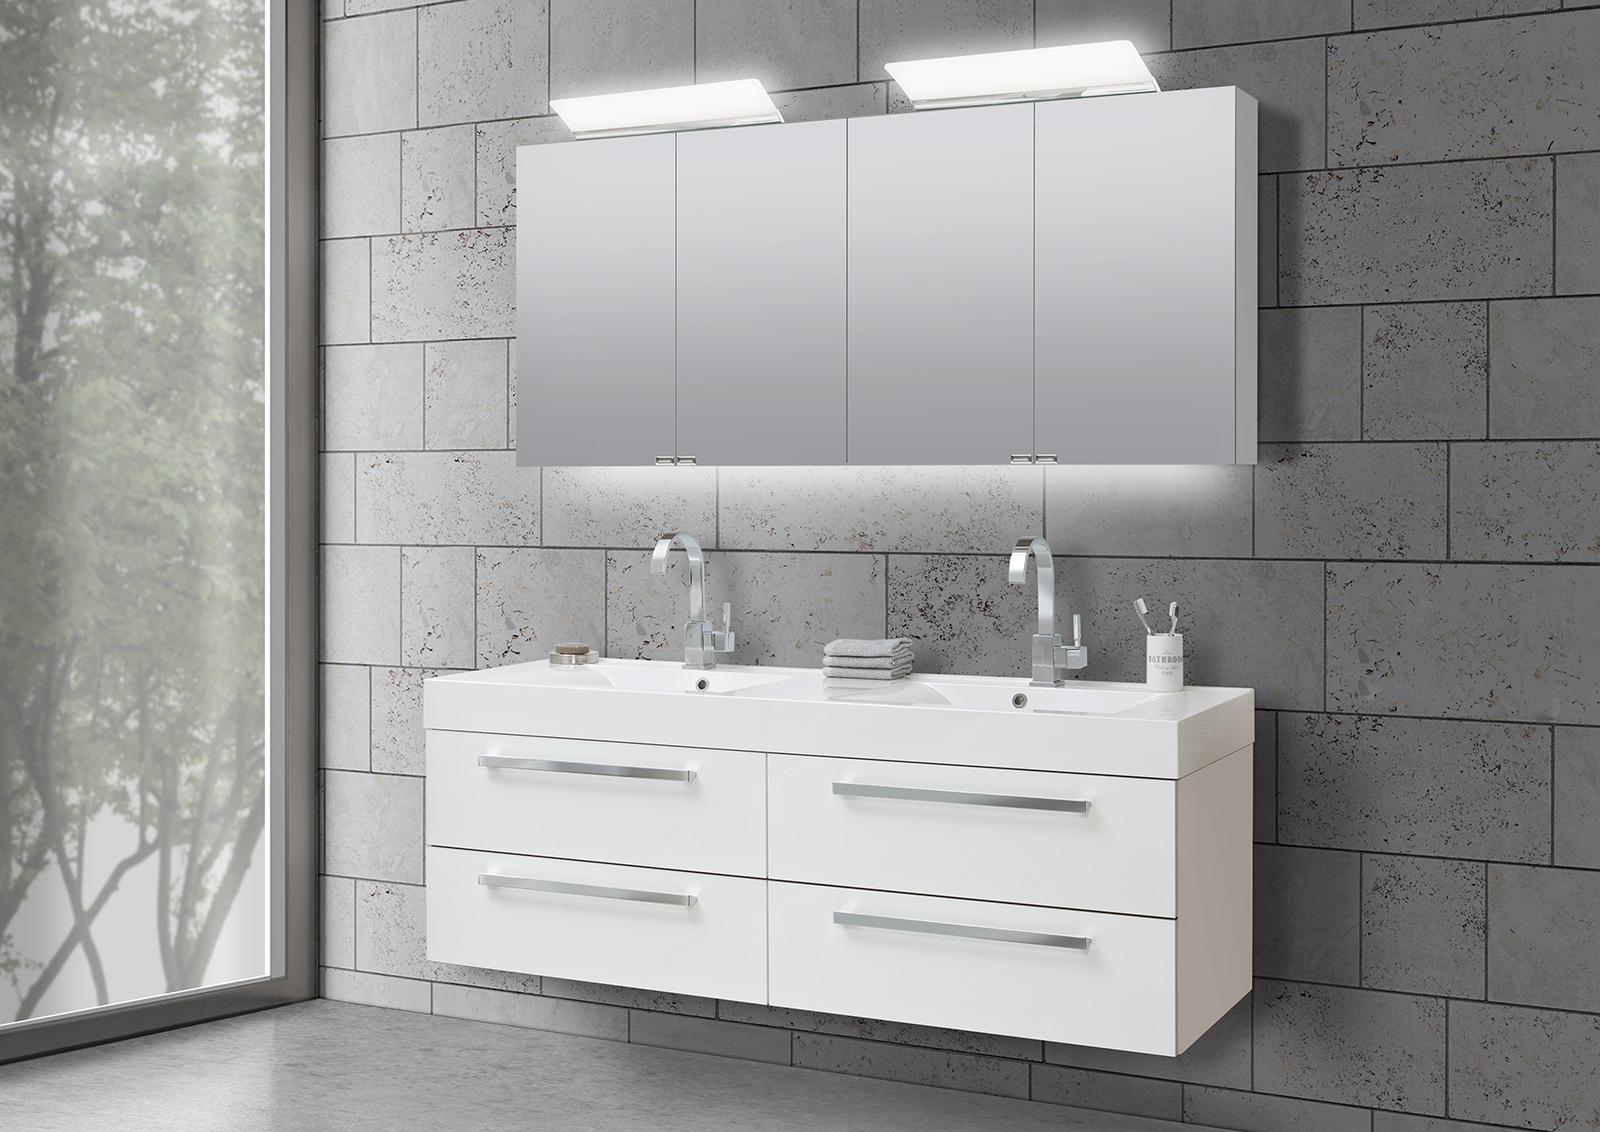 160cm bad doppelwaschtische for Spiegelschrank doppelwaschbecken